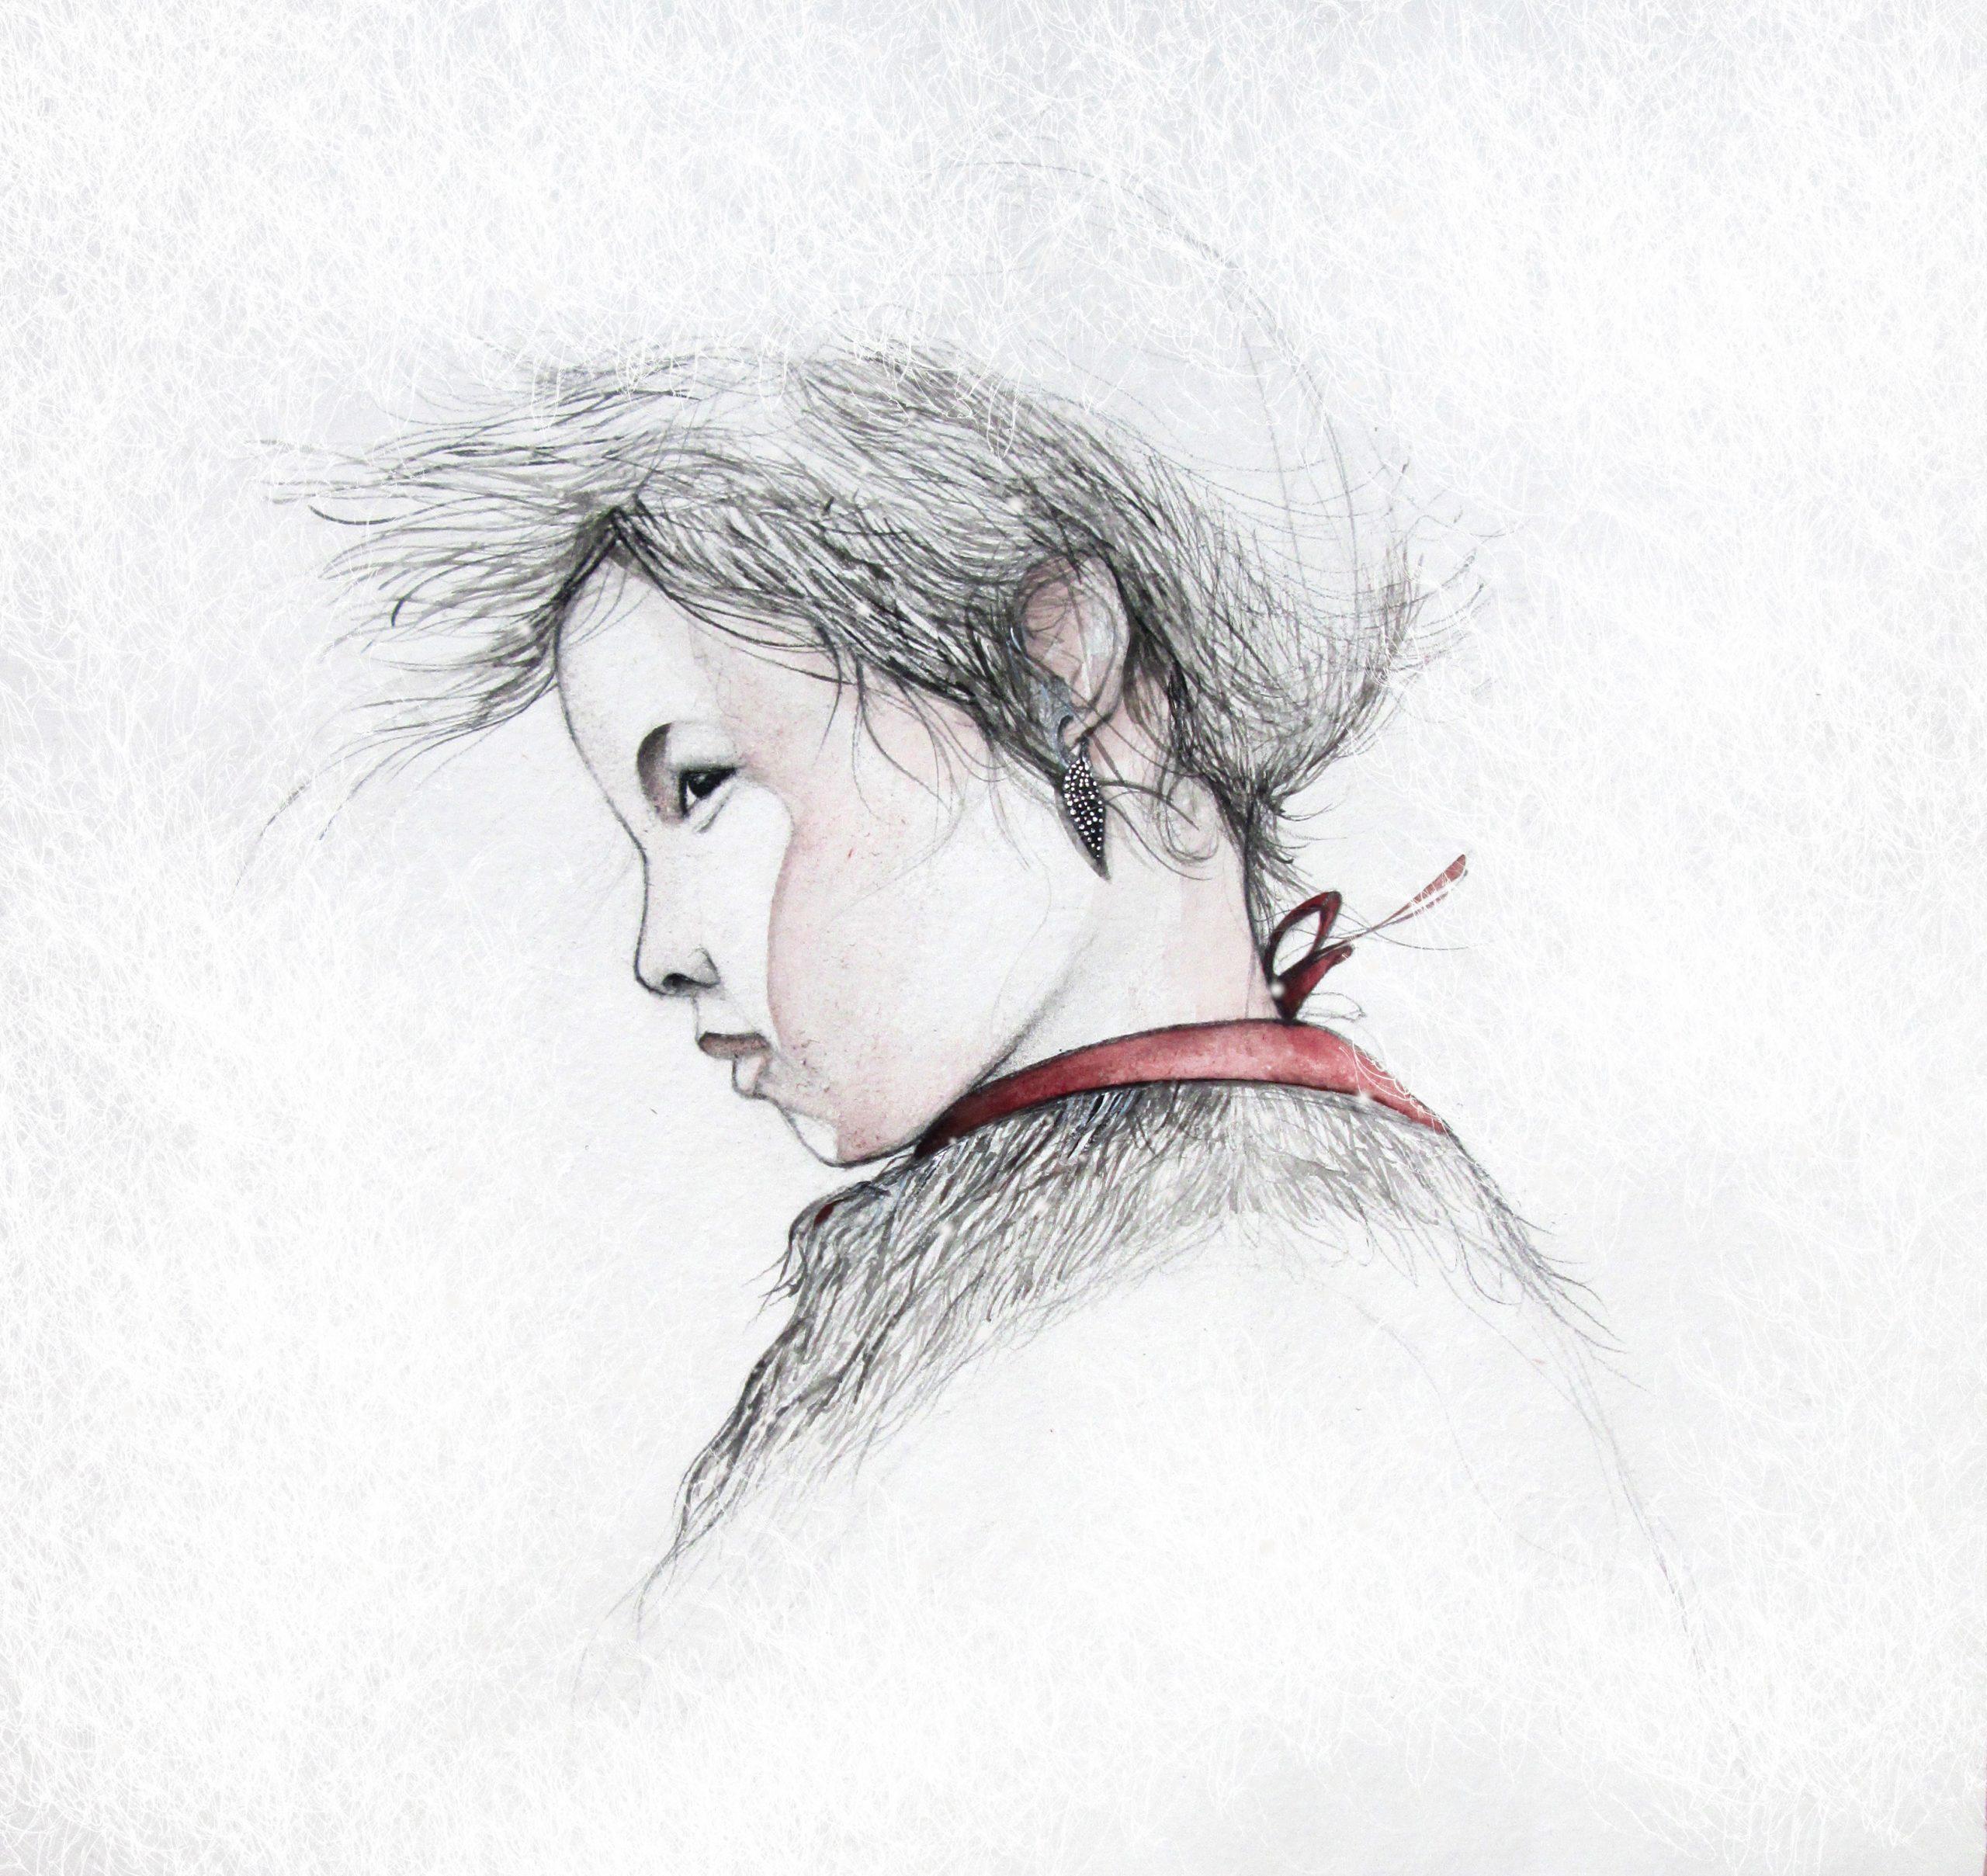 Semchen Chenpo.  Respecte a la vida. Generositat. Sacrifici. Sang que sadolla, carn que sacia. Esperit en plenitud. Transcendència.